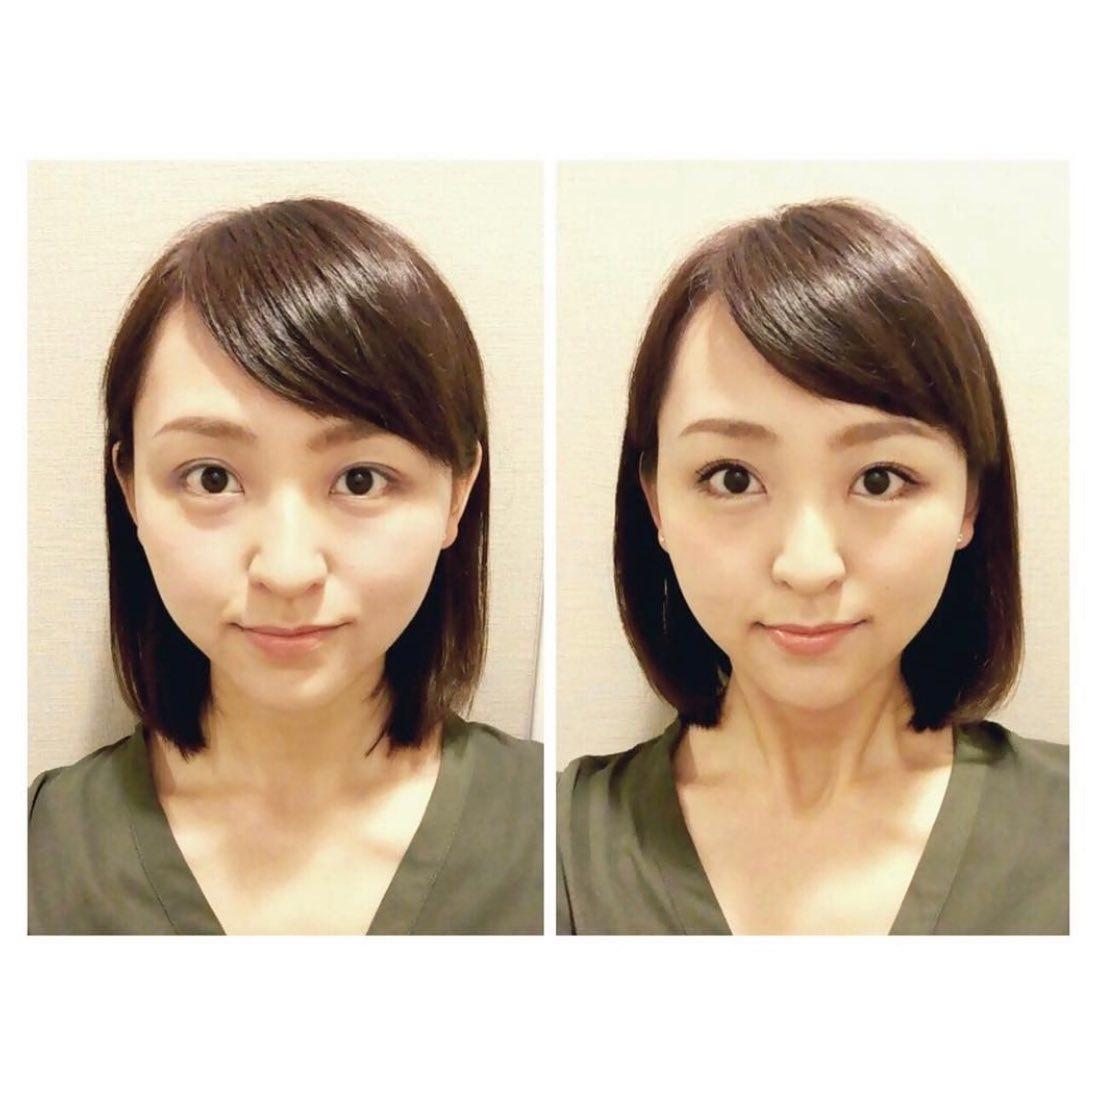 2016年ミスユニバースジャパンで第4位に輝いた「西村紗也香」様がご来店頂いた時に、当店をご紹介くださった時のお写真です。  ご自身でもセルフマッサージをされるとの事ですが、 それだと取りきれないむくみや歪みが取れた!!と大満足いただけました♪  #コルギ #ビューティー #小顔マッサージ #ダイエット #ブライダル #ウェディング #リフトアップ #リンパ #モデル